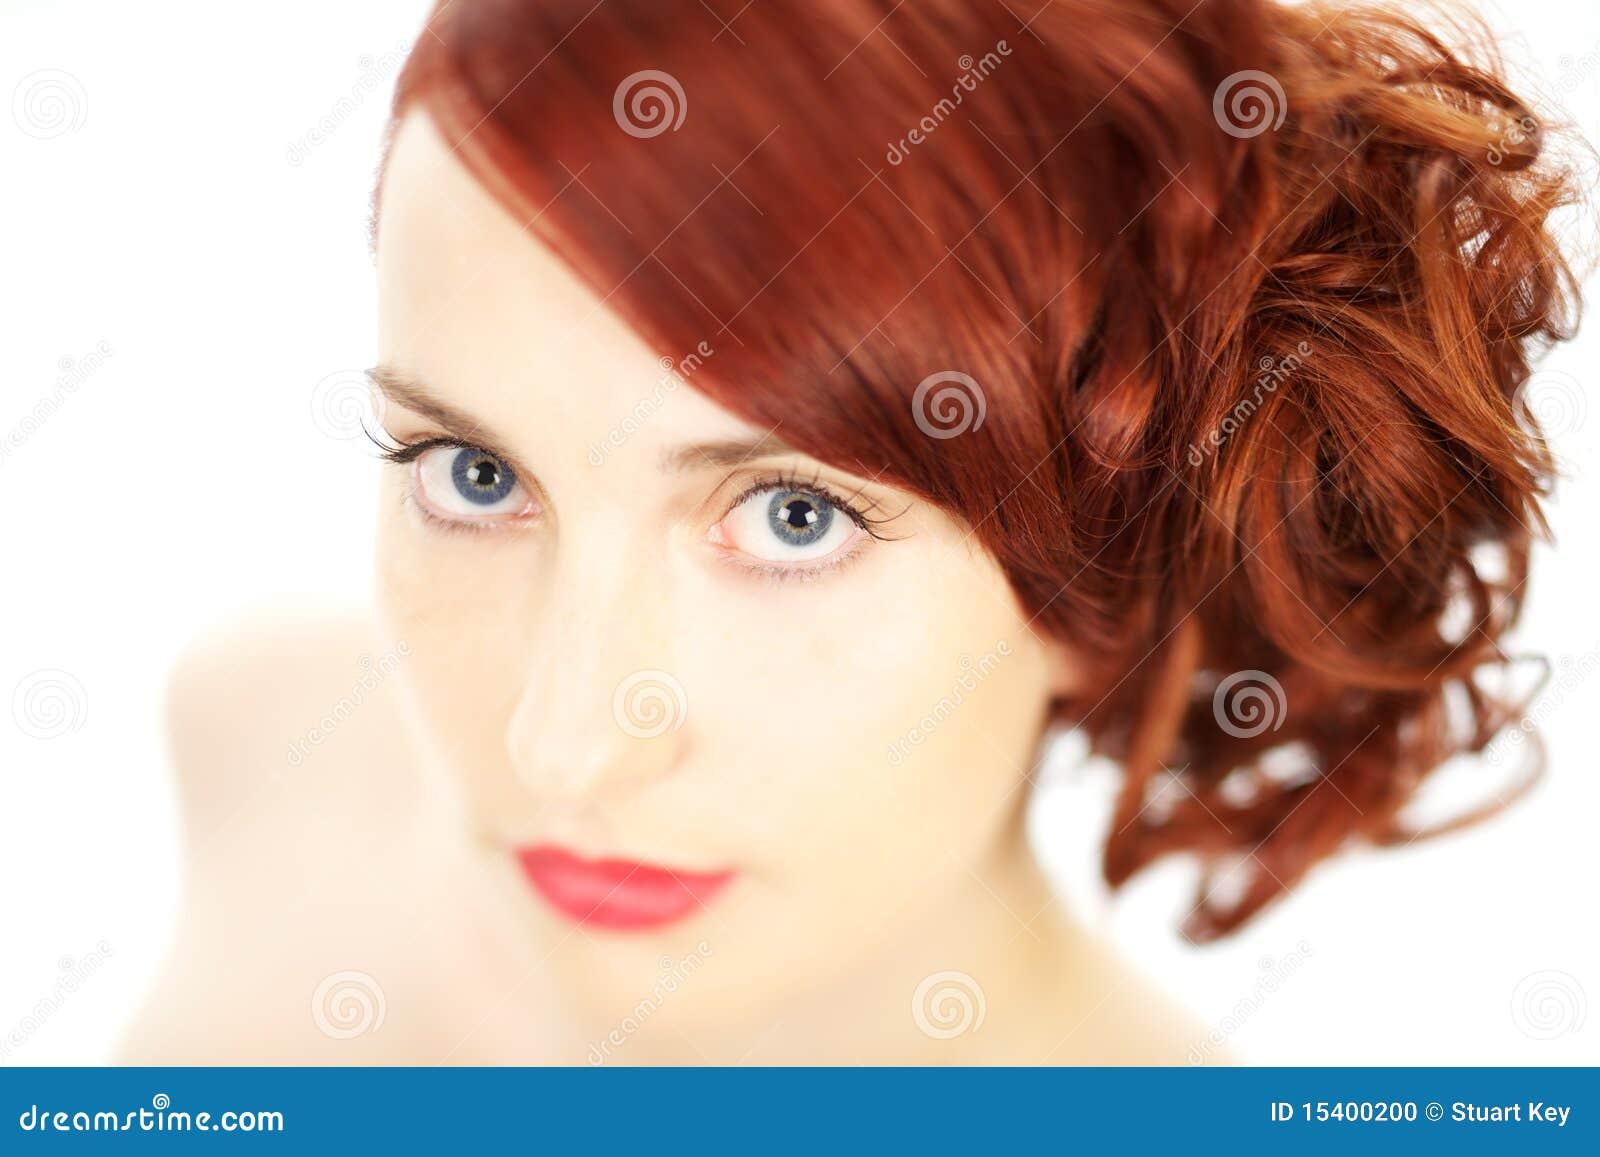 1600x1200 woman red hair - photo #46